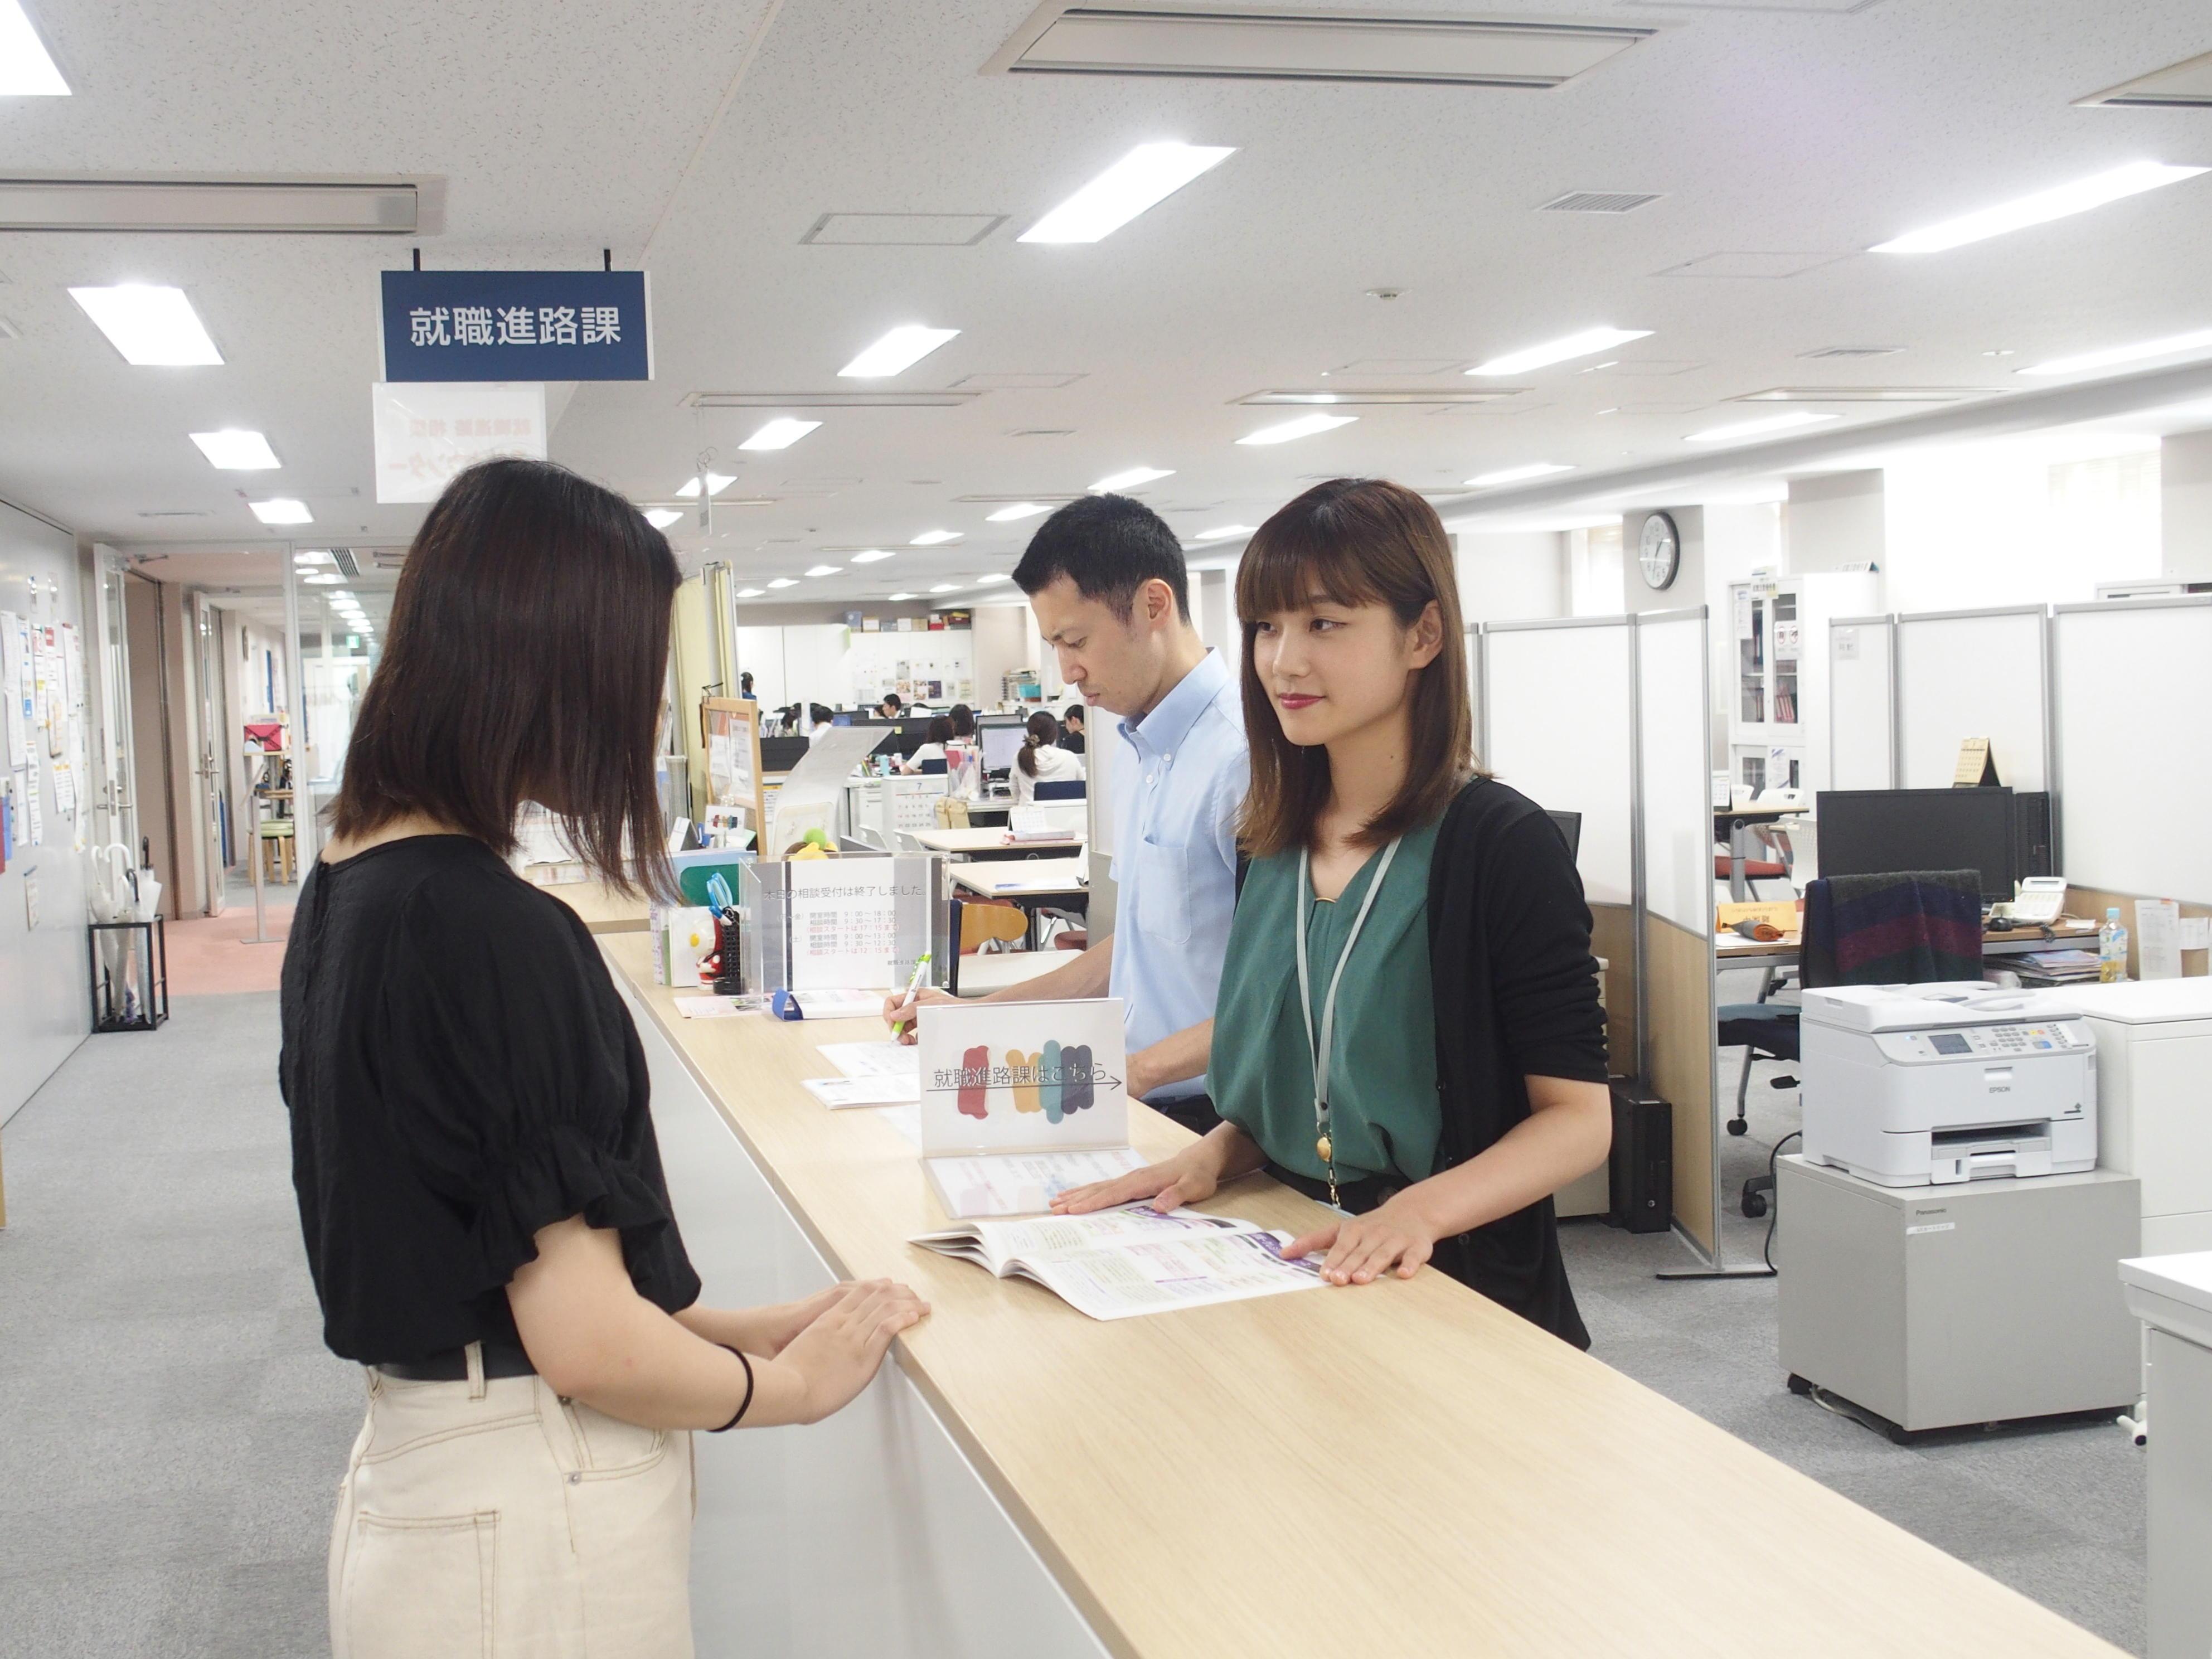 共立女子大学が「本当に就職に強い大学」ランキングトップ150(東洋経済ONLINE)において東京都内の女子大学で第4位にランクイン! -- 「卒業後の進路」について考え抜くことができる支援で学生満足度が向上 --